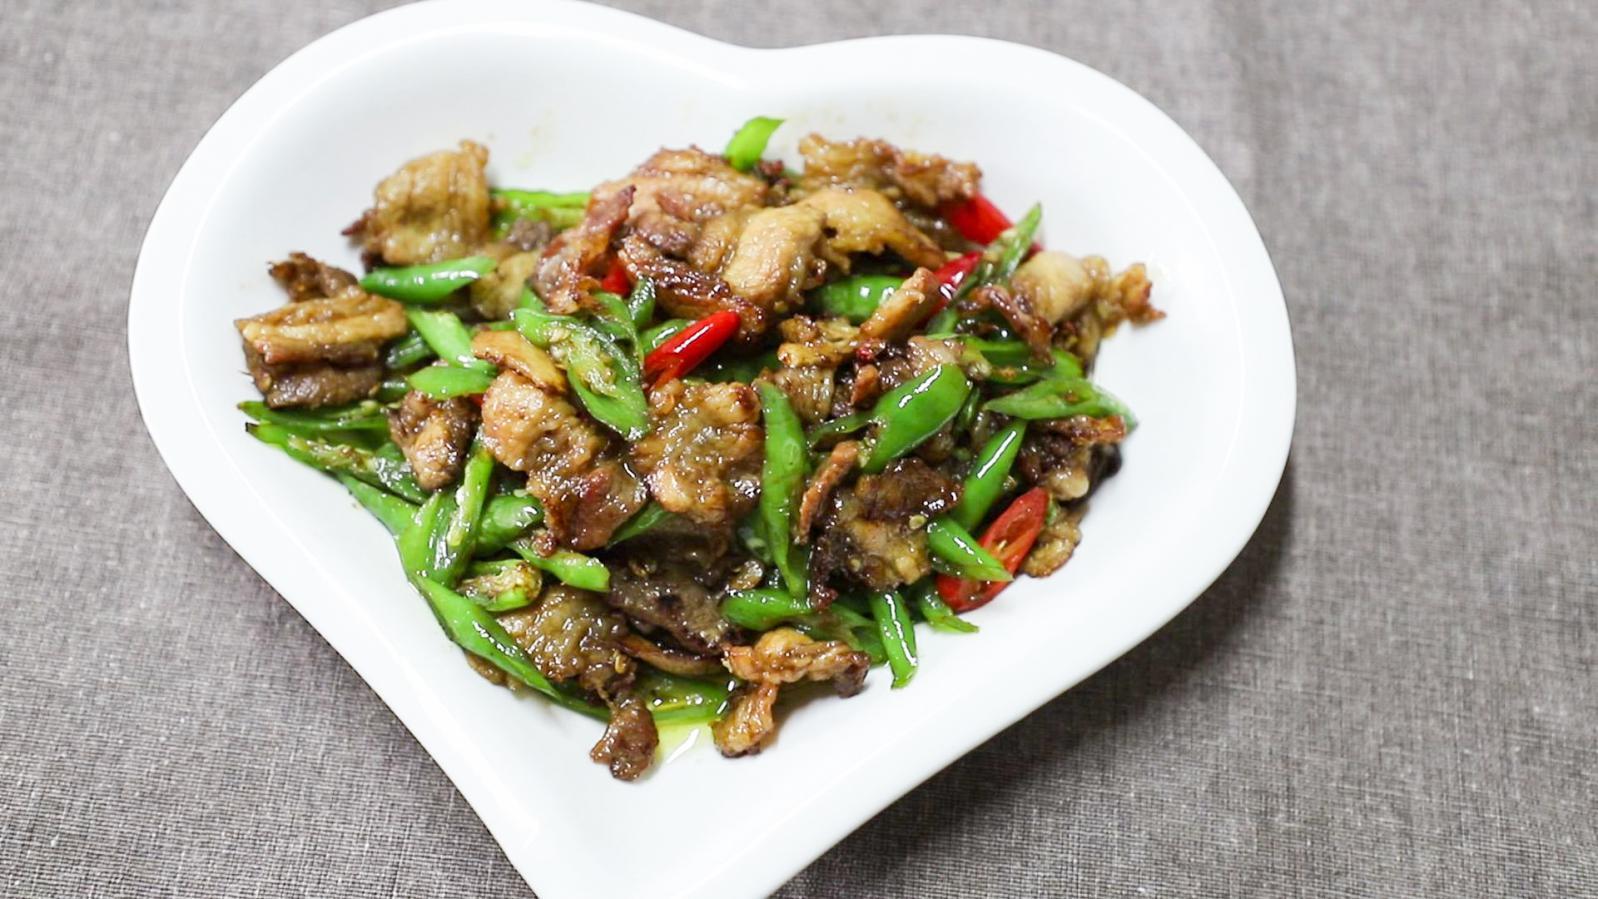 10道经典川菜的做法合集,鲜香麻辣,超级下饭,爱吃辣的看过来 川菜菜谱 第5张